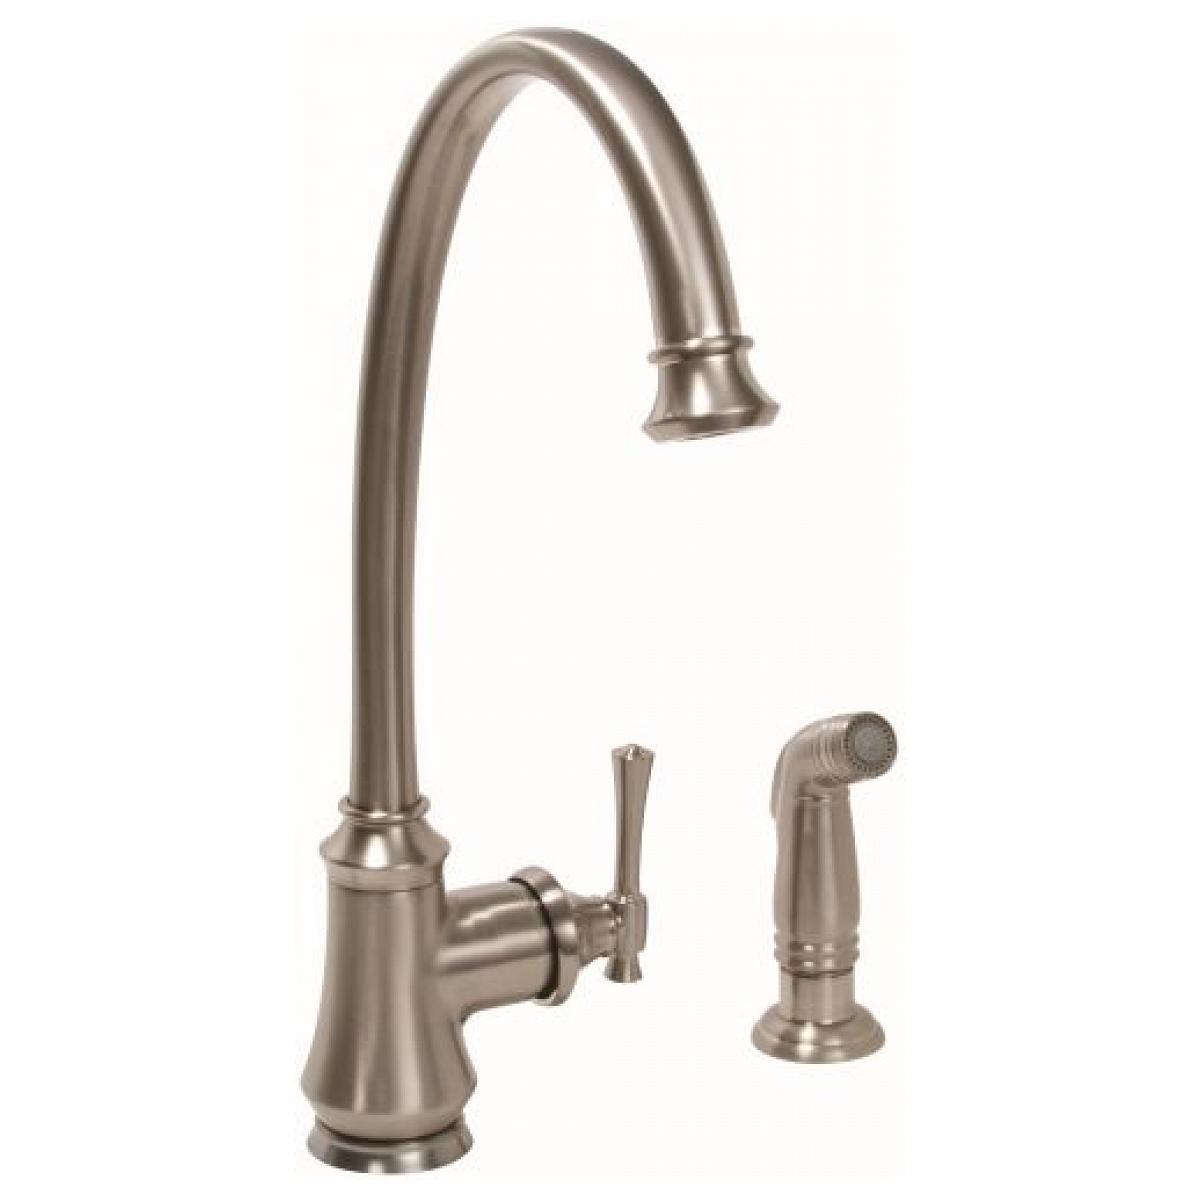 Premier Kitchen Faucets 28 Images Premier Faucet 12028 Sanibel Single Handle Kitchen Pull